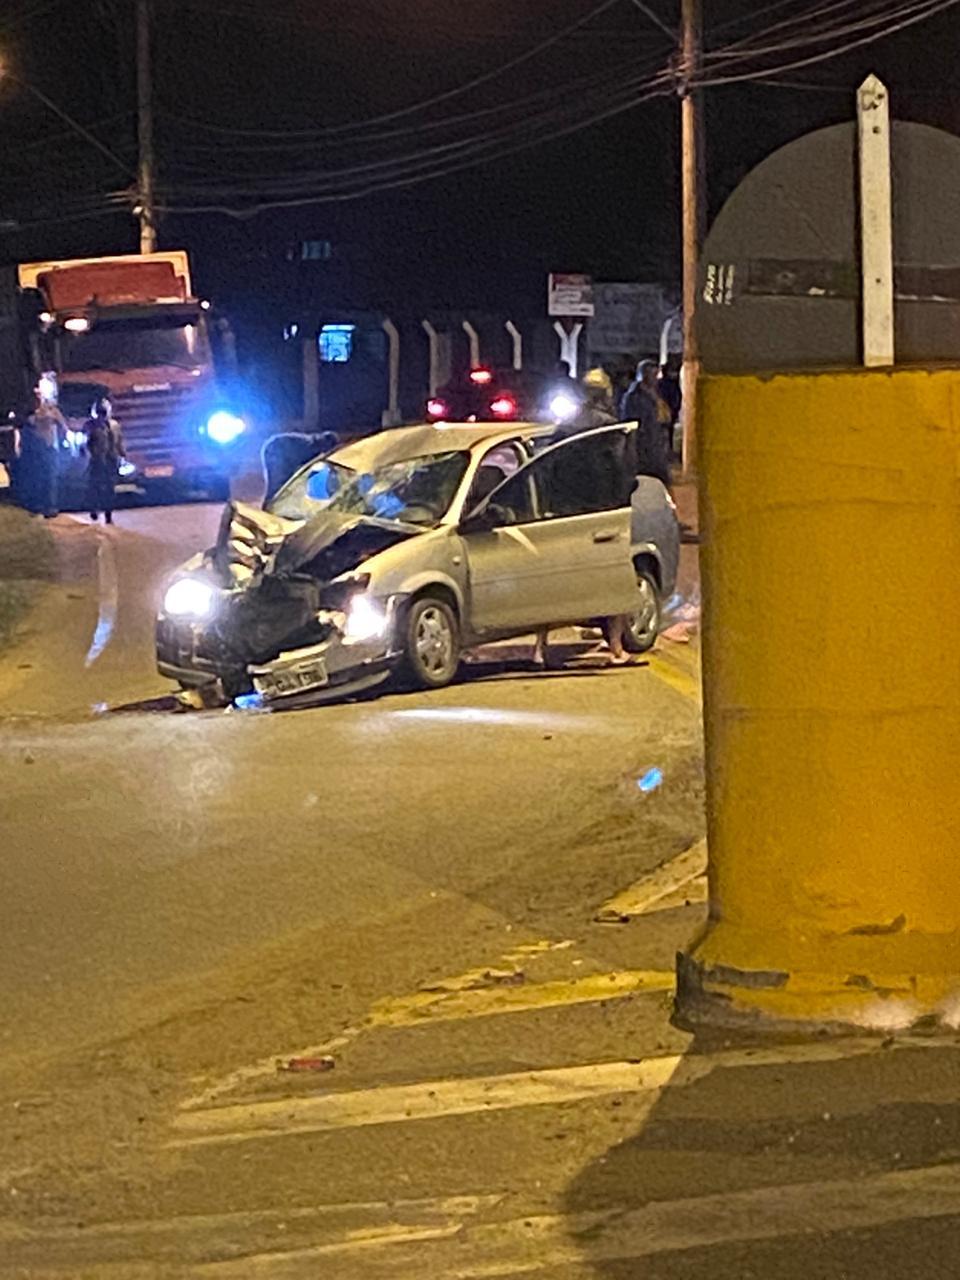 Acidente com vítima fatal em Itajubá-MG, próximo a Imbel. 14